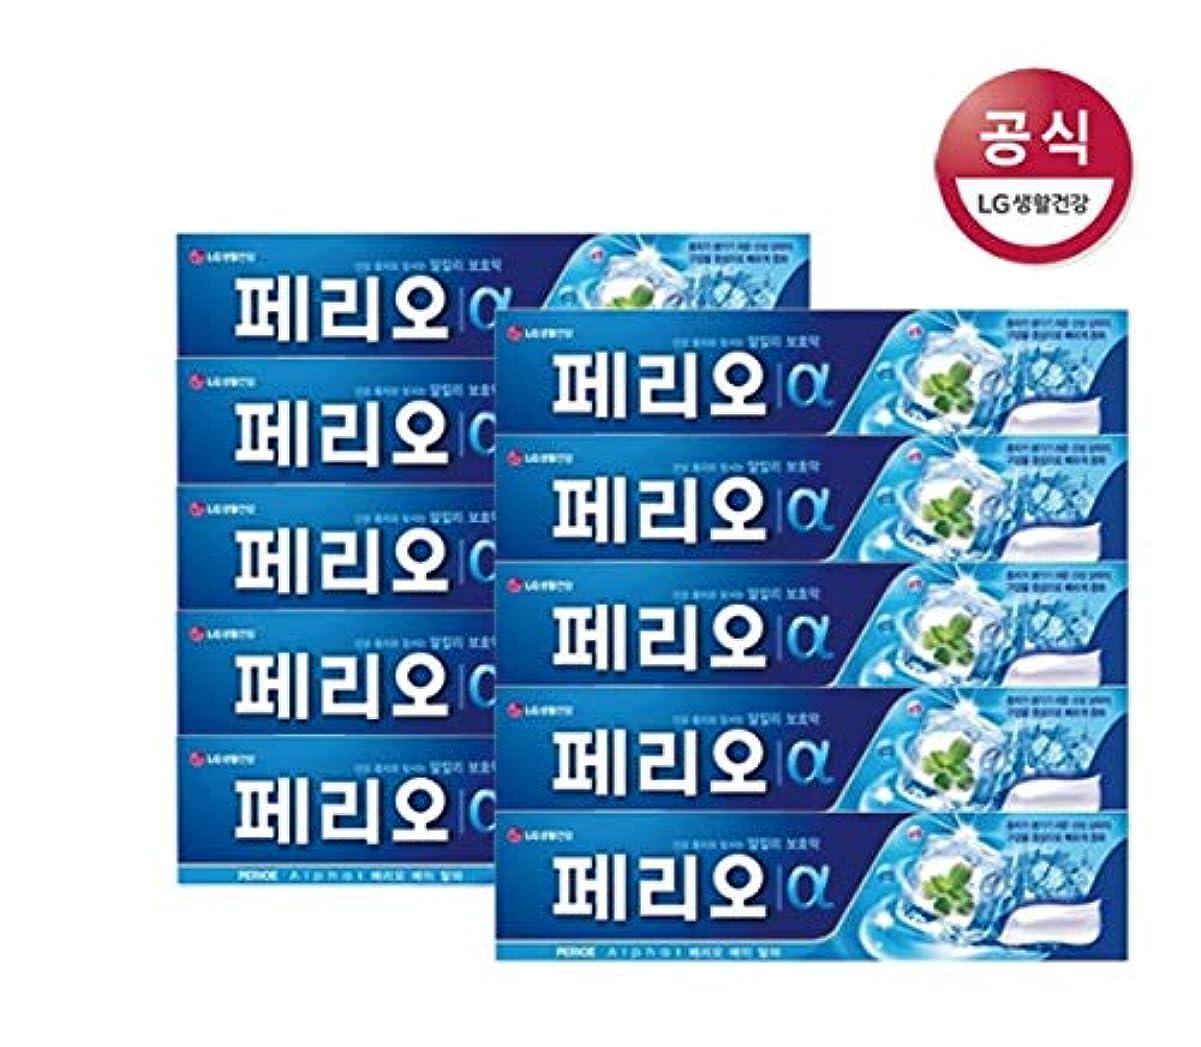 動員するスリップスパーク[LG Care/LG生活健康]ペリオアルファ歯磨き粉170g x10個/歯磨きセットスペシャル?リミテッドToothpaste Set Special Limited Korea(海外直送品)